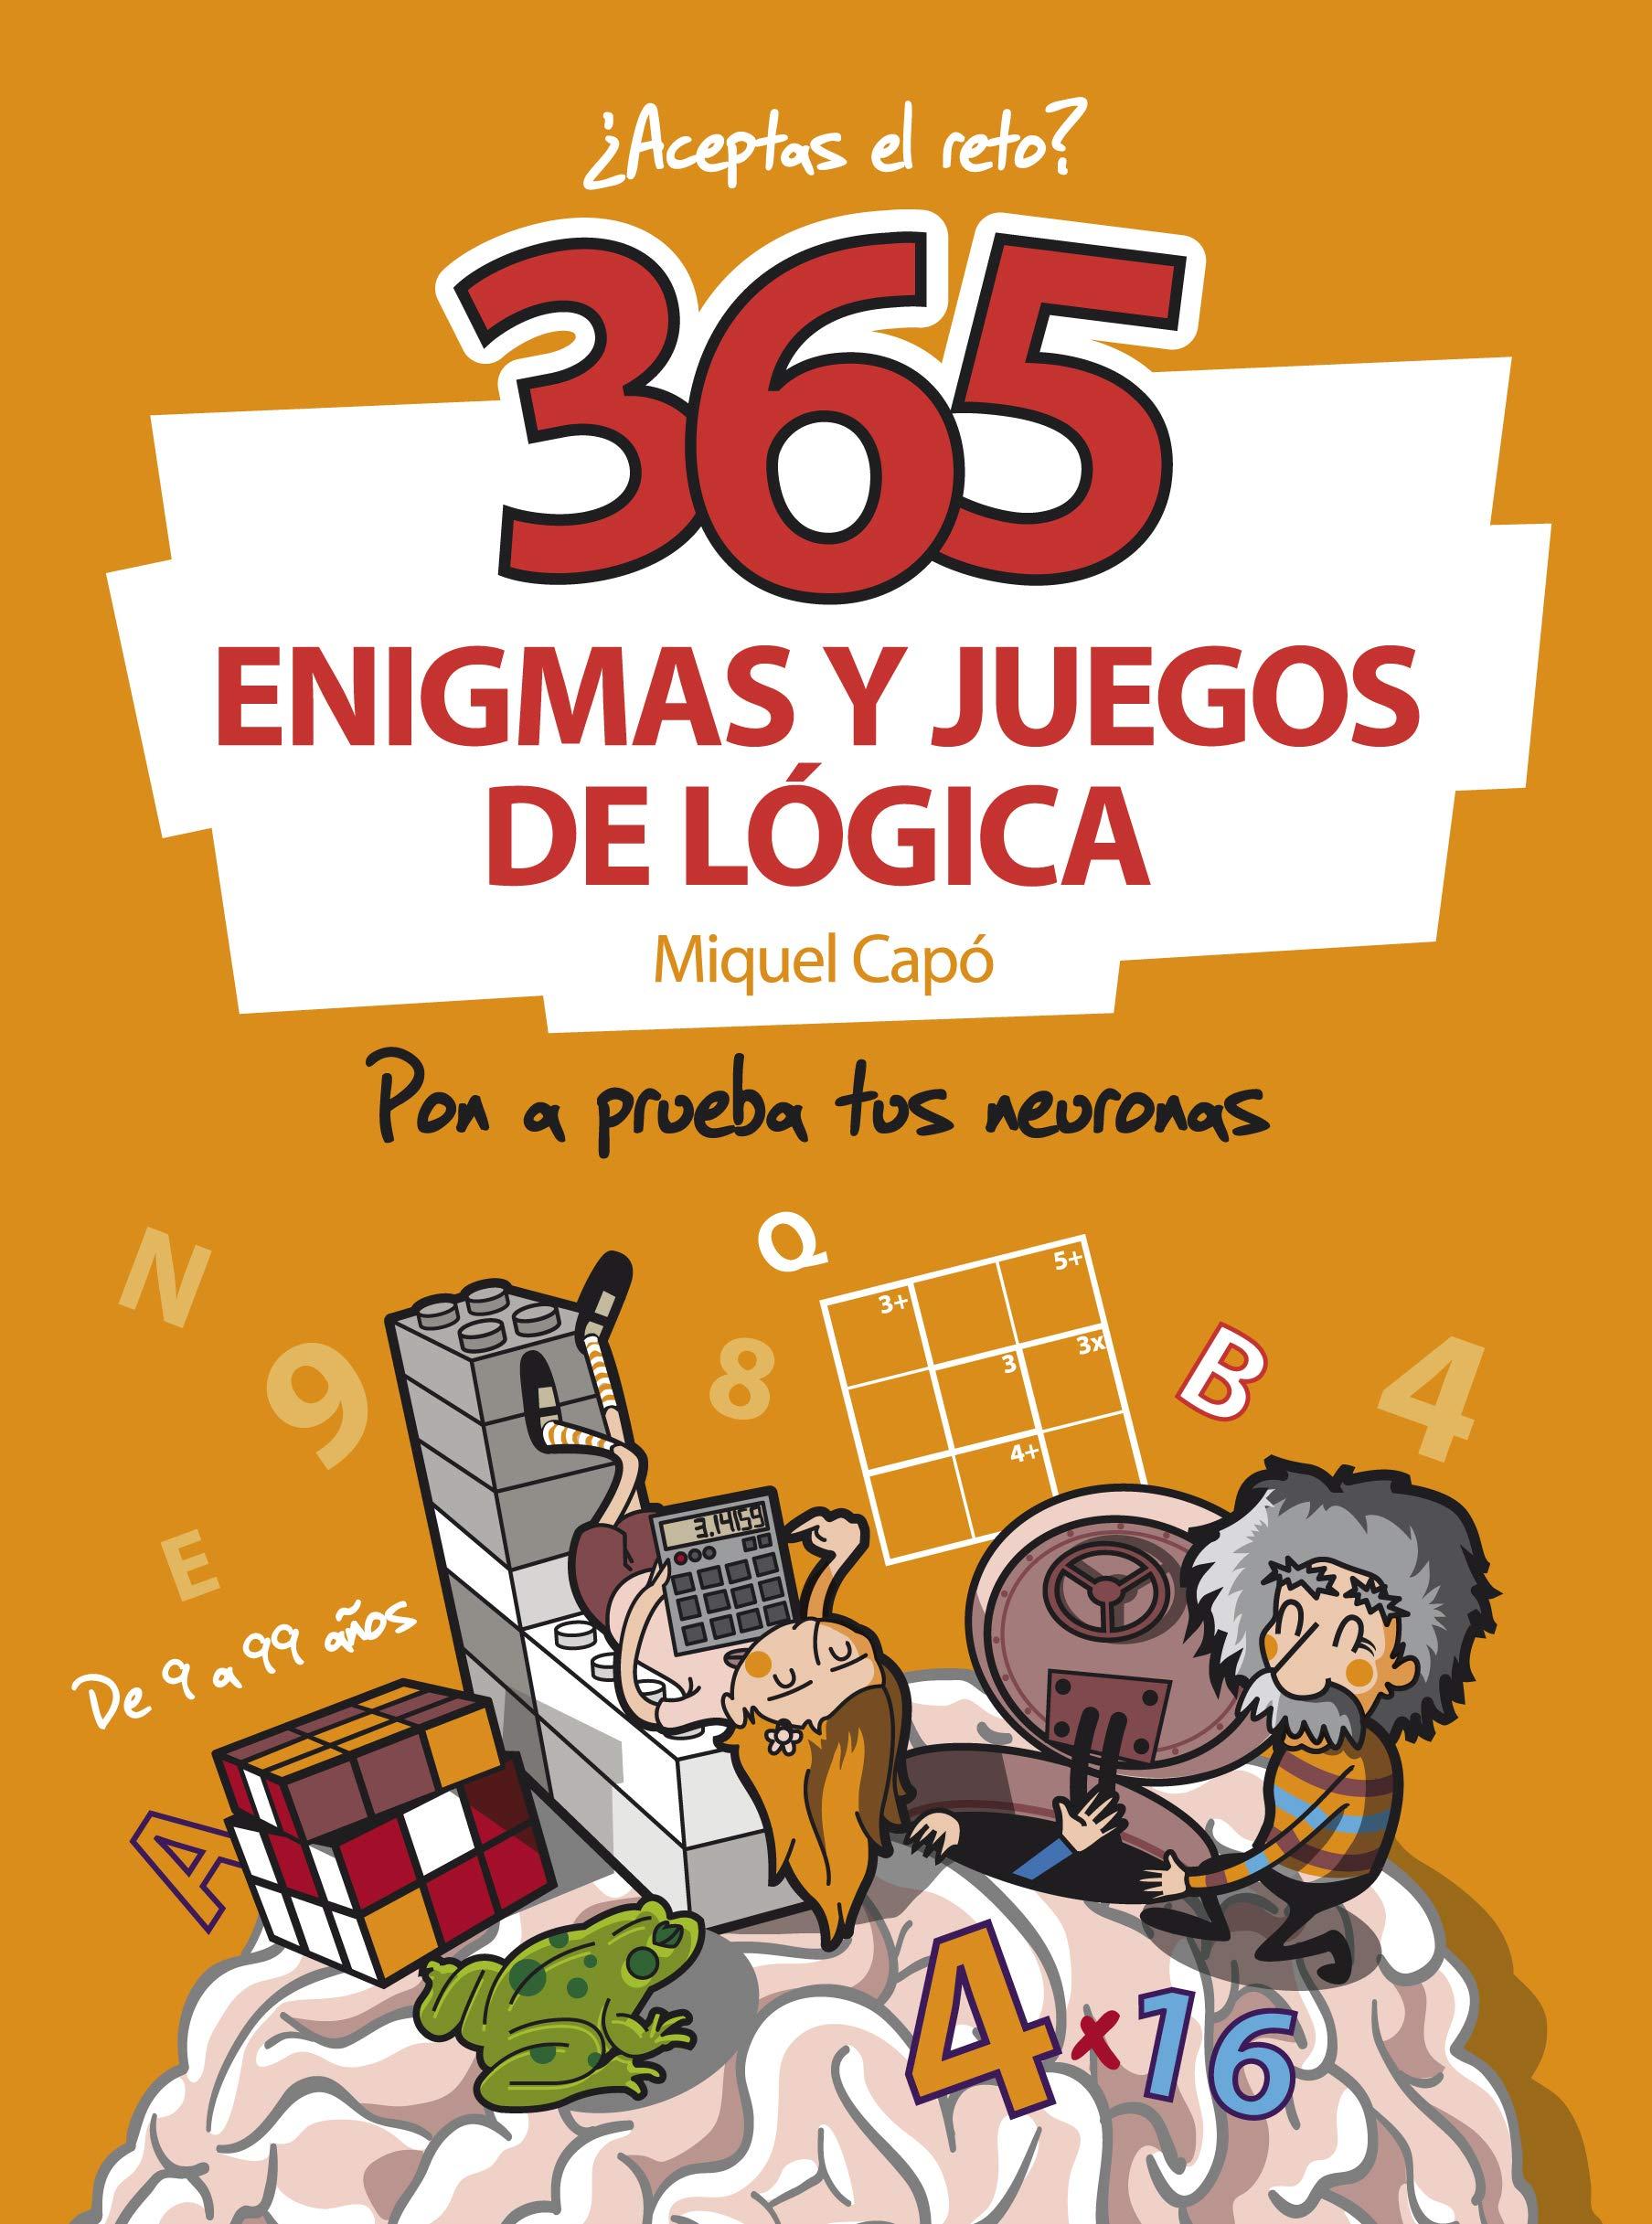 365 enigmas y juegos de lógica: Pon a prueba tus neuronas No ficción ilustrados: Amazon.es: Capó, Miquel: Libros